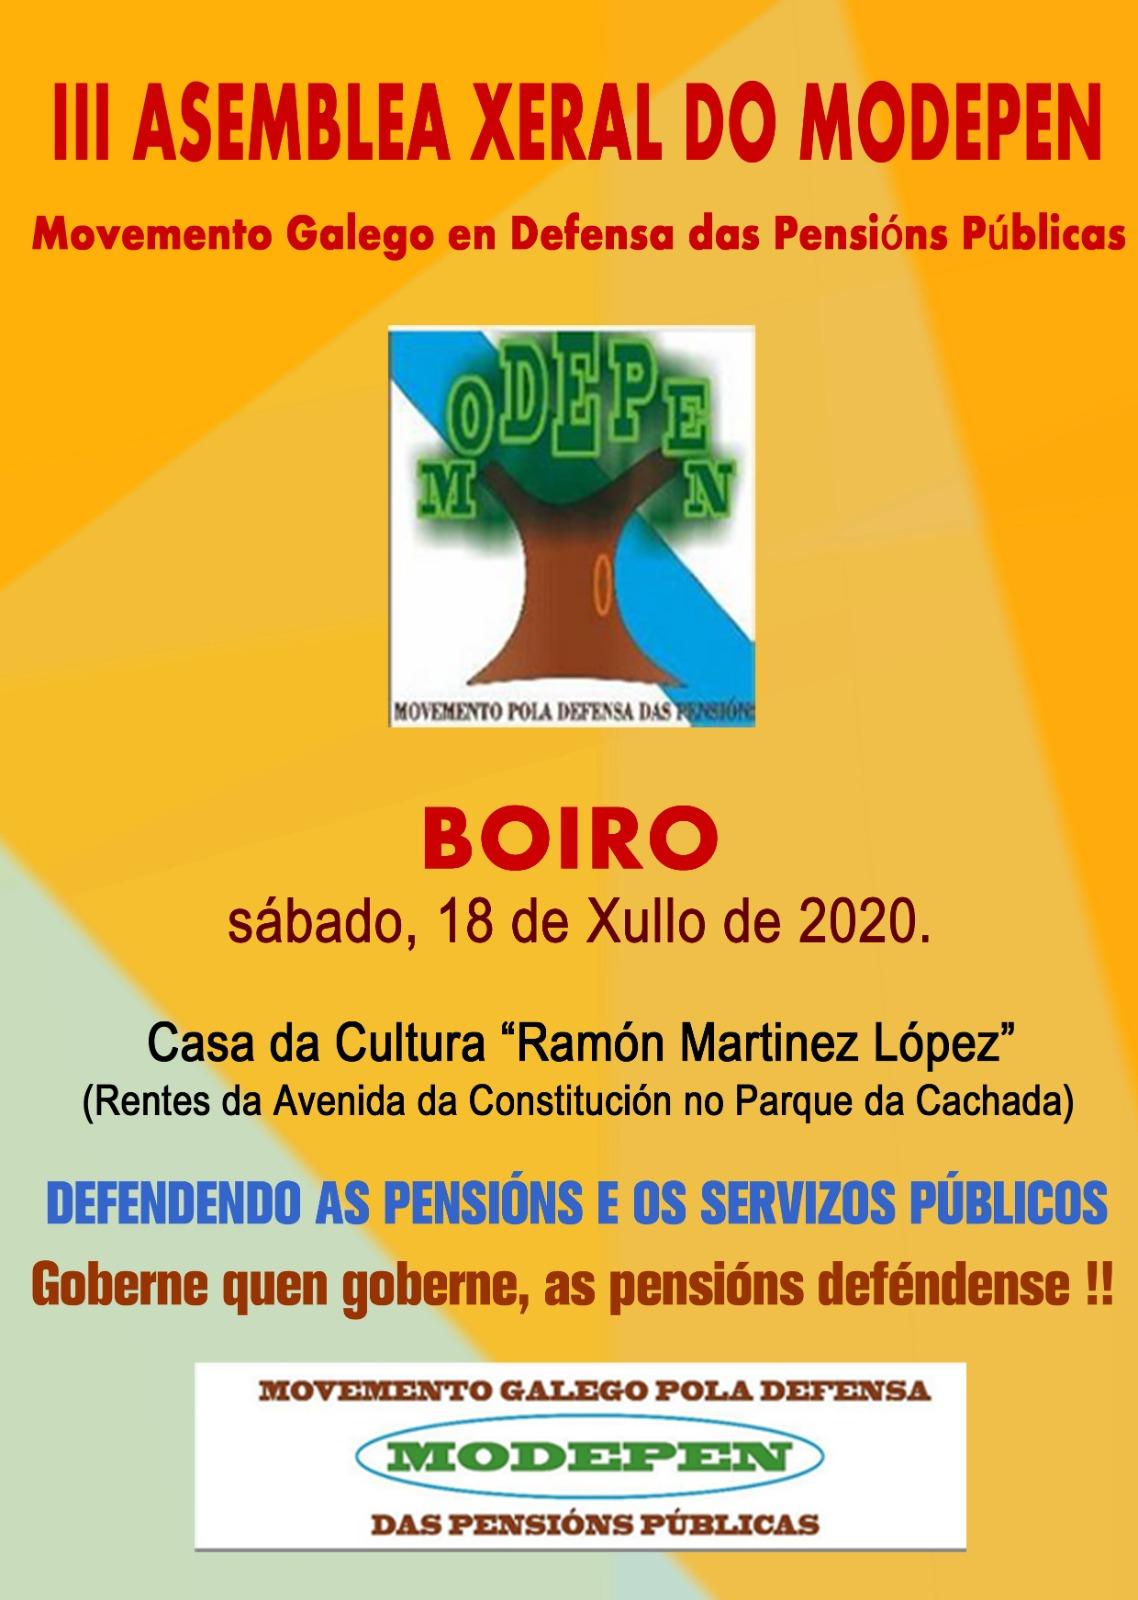 18 de Xullo de 2020 en Boiro